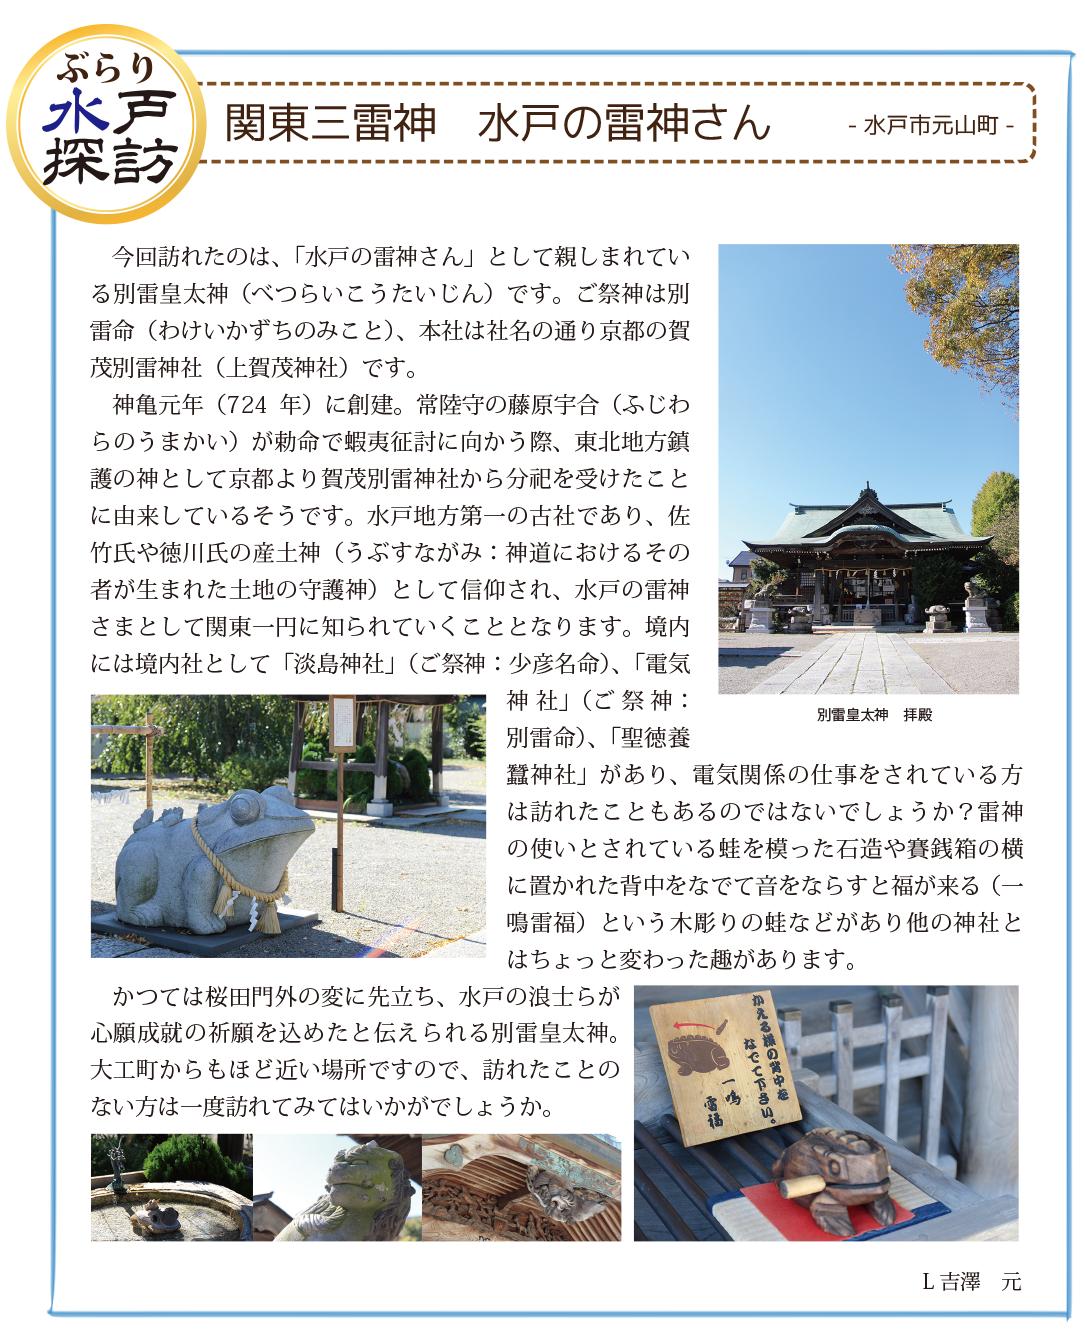 関東三雷神 水戸の雷神さん 水戸葵ライオンズクラブ 公式ホームページ